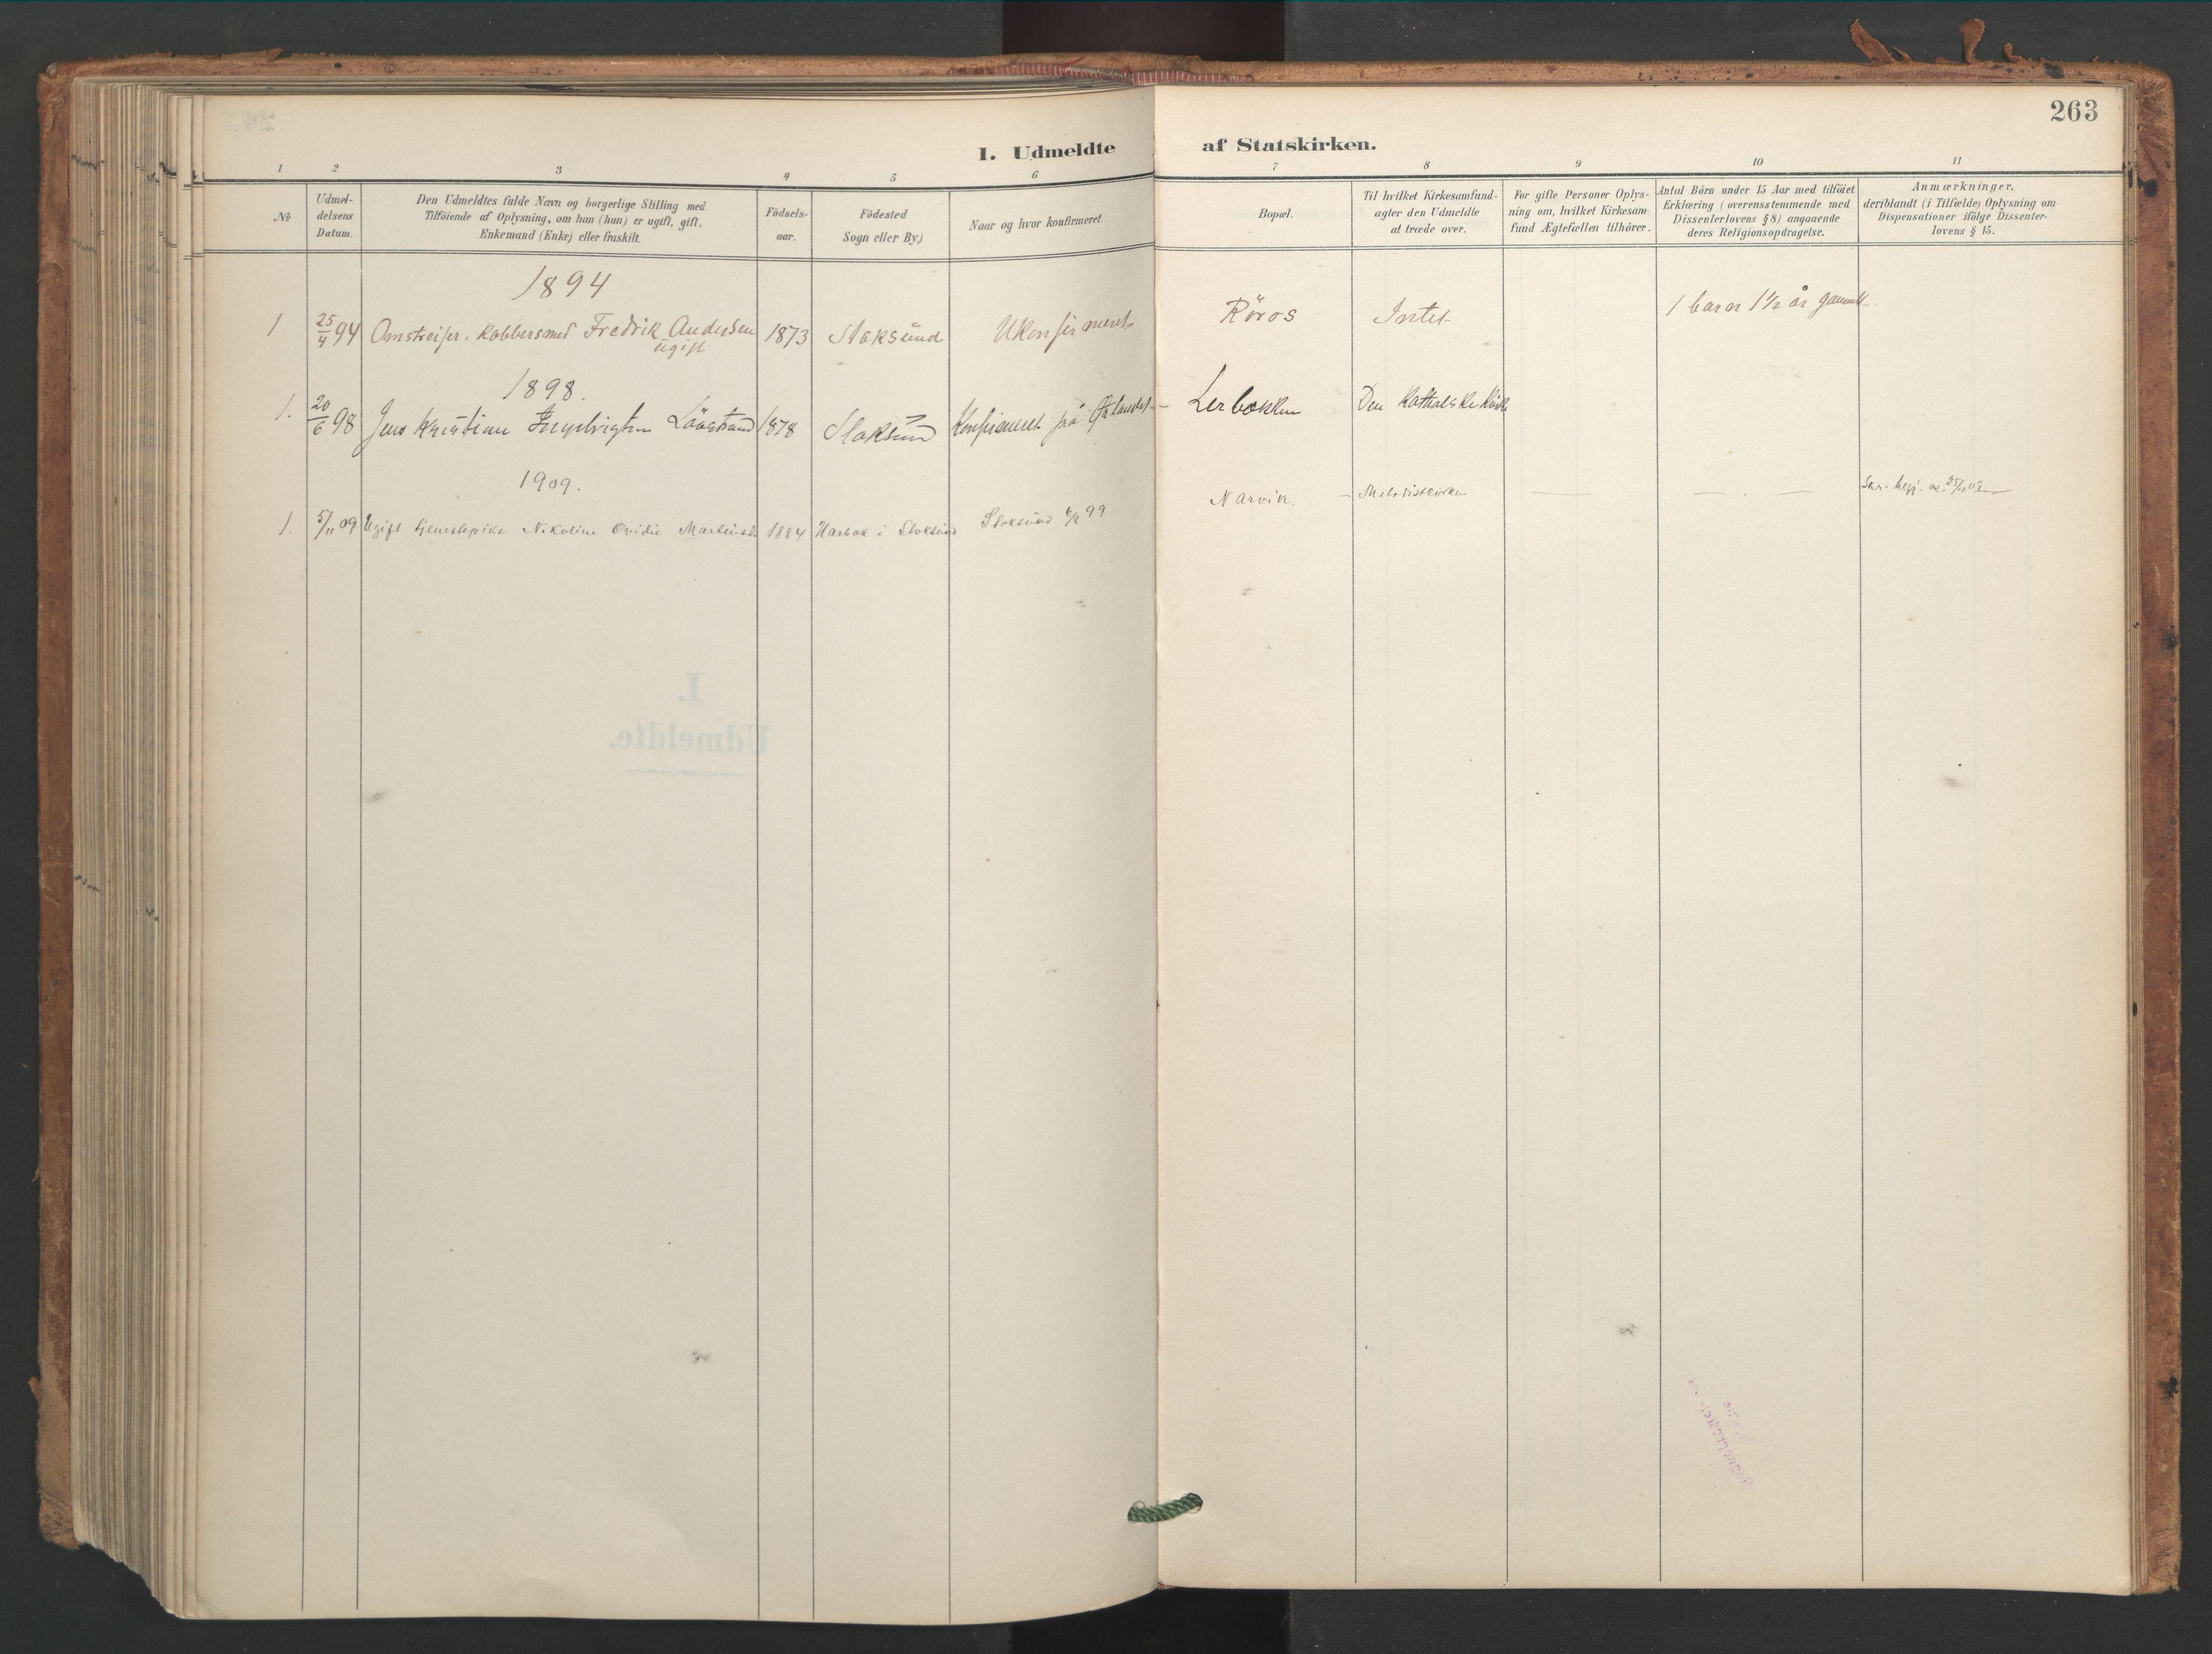 SAT, Ministerialprotokoller, klokkerbøker og fødselsregistre - Sør-Trøndelag, 656/L0693: Ministerialbok nr. 656A02, 1894-1913, s. 263